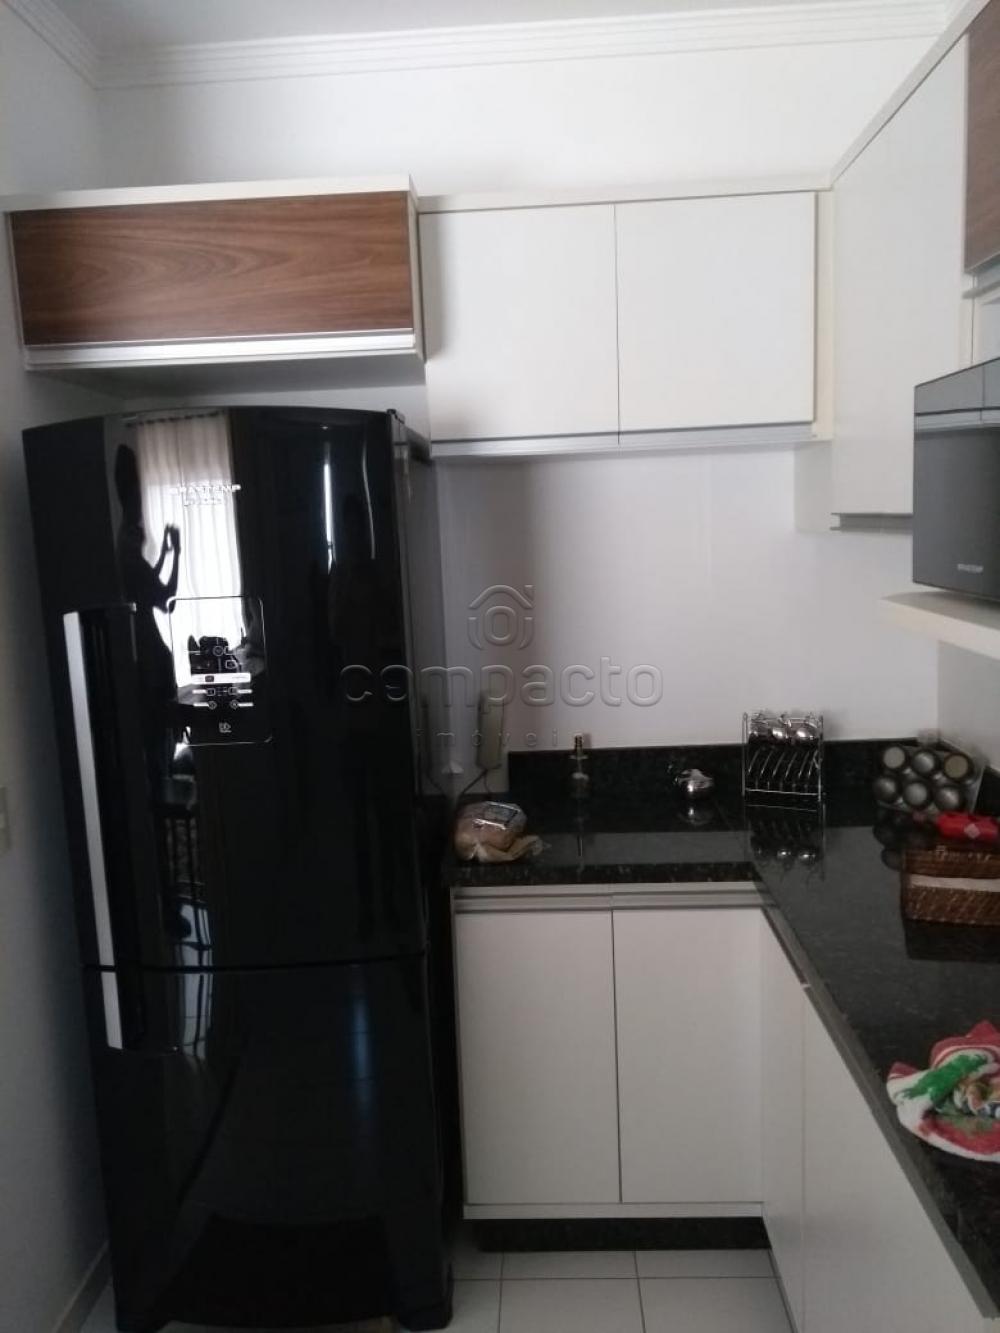 Comprar Apartamento / Padrão em São José do Rio Preto apenas R$ 450.000,00 - Foto 17